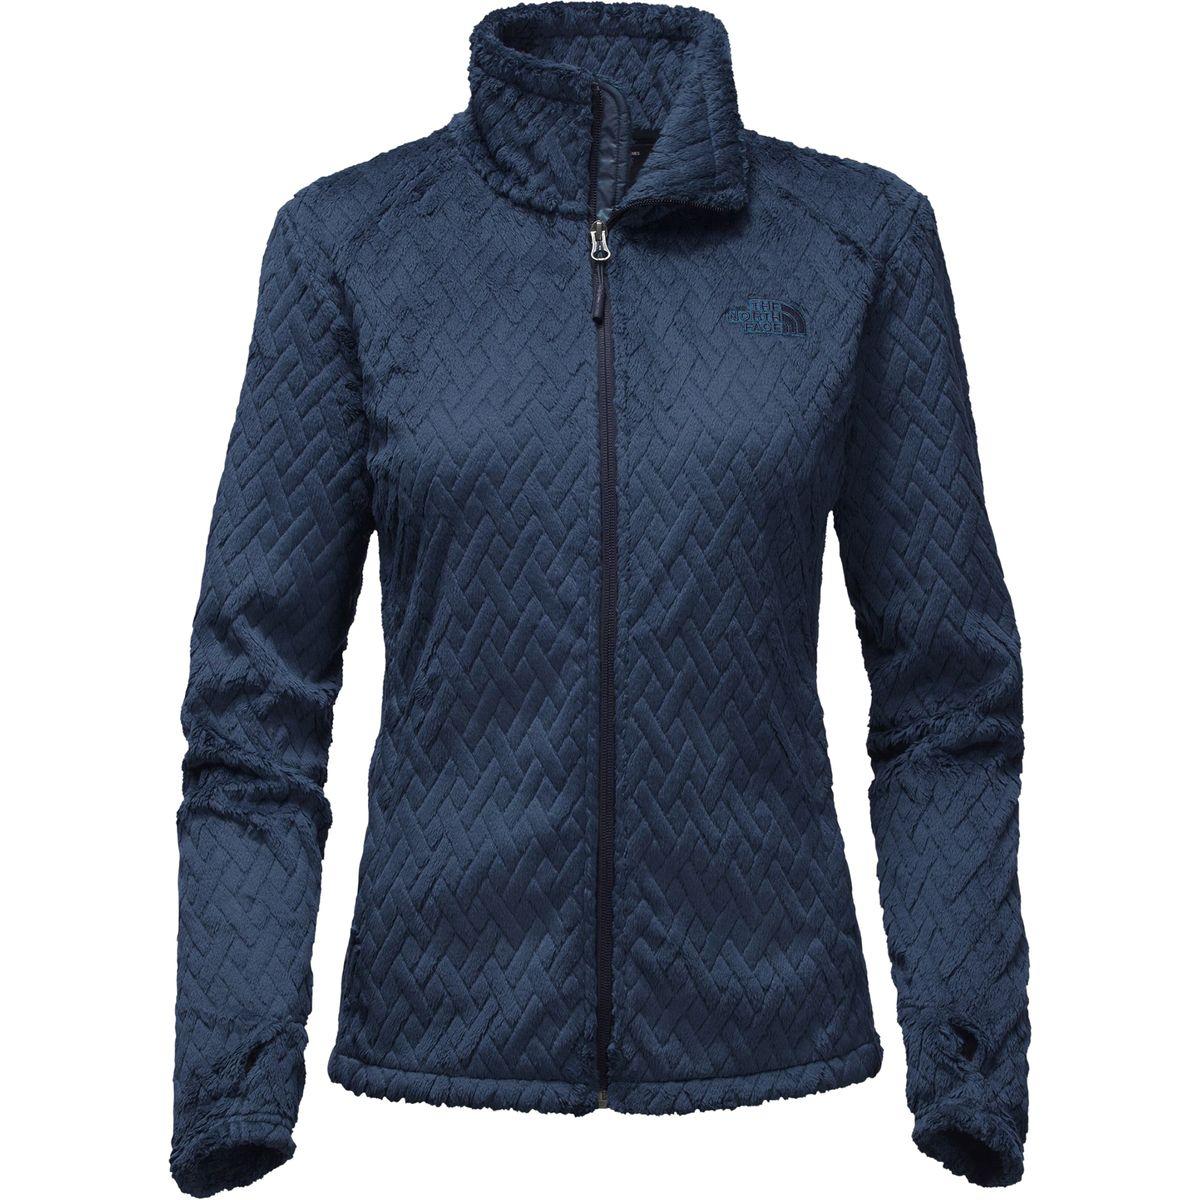 The North Face Women S Novelty Osito Jacket Fontana Sports